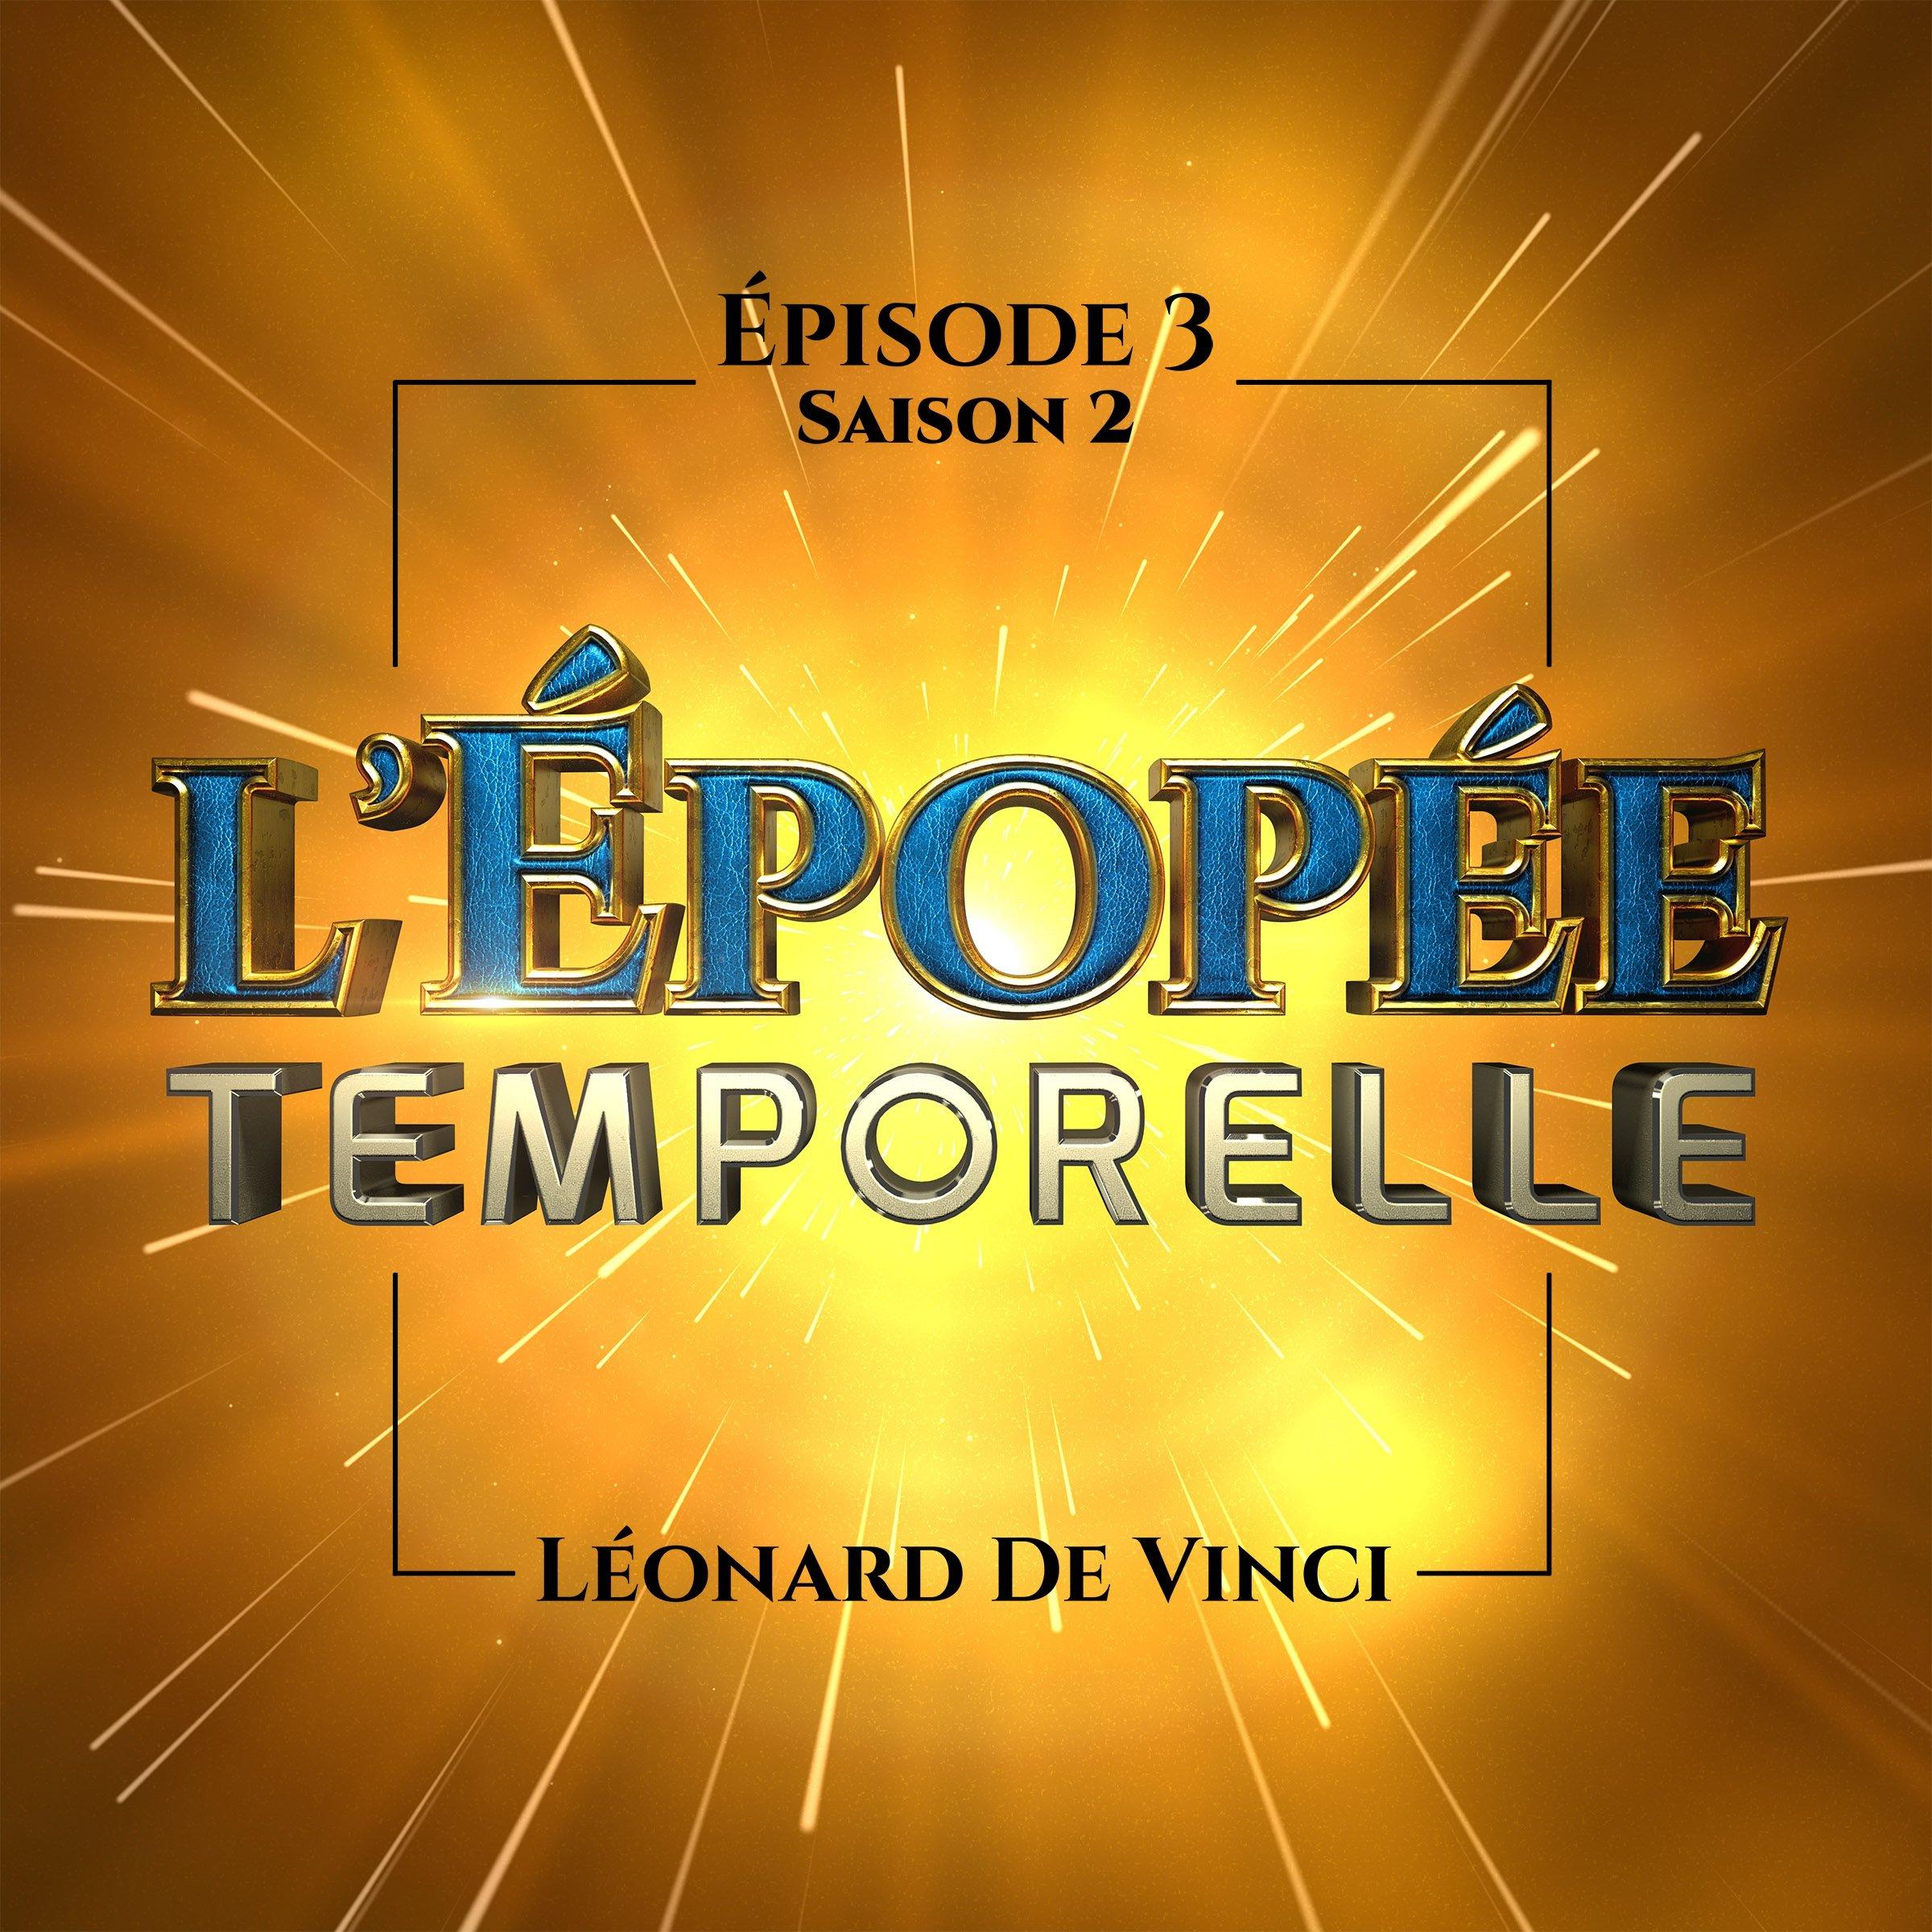 Simone Veil, Léonard De Vinci: L'épopée temporelle 2, 3, de Cyprien Iovl'Histoire des femmes